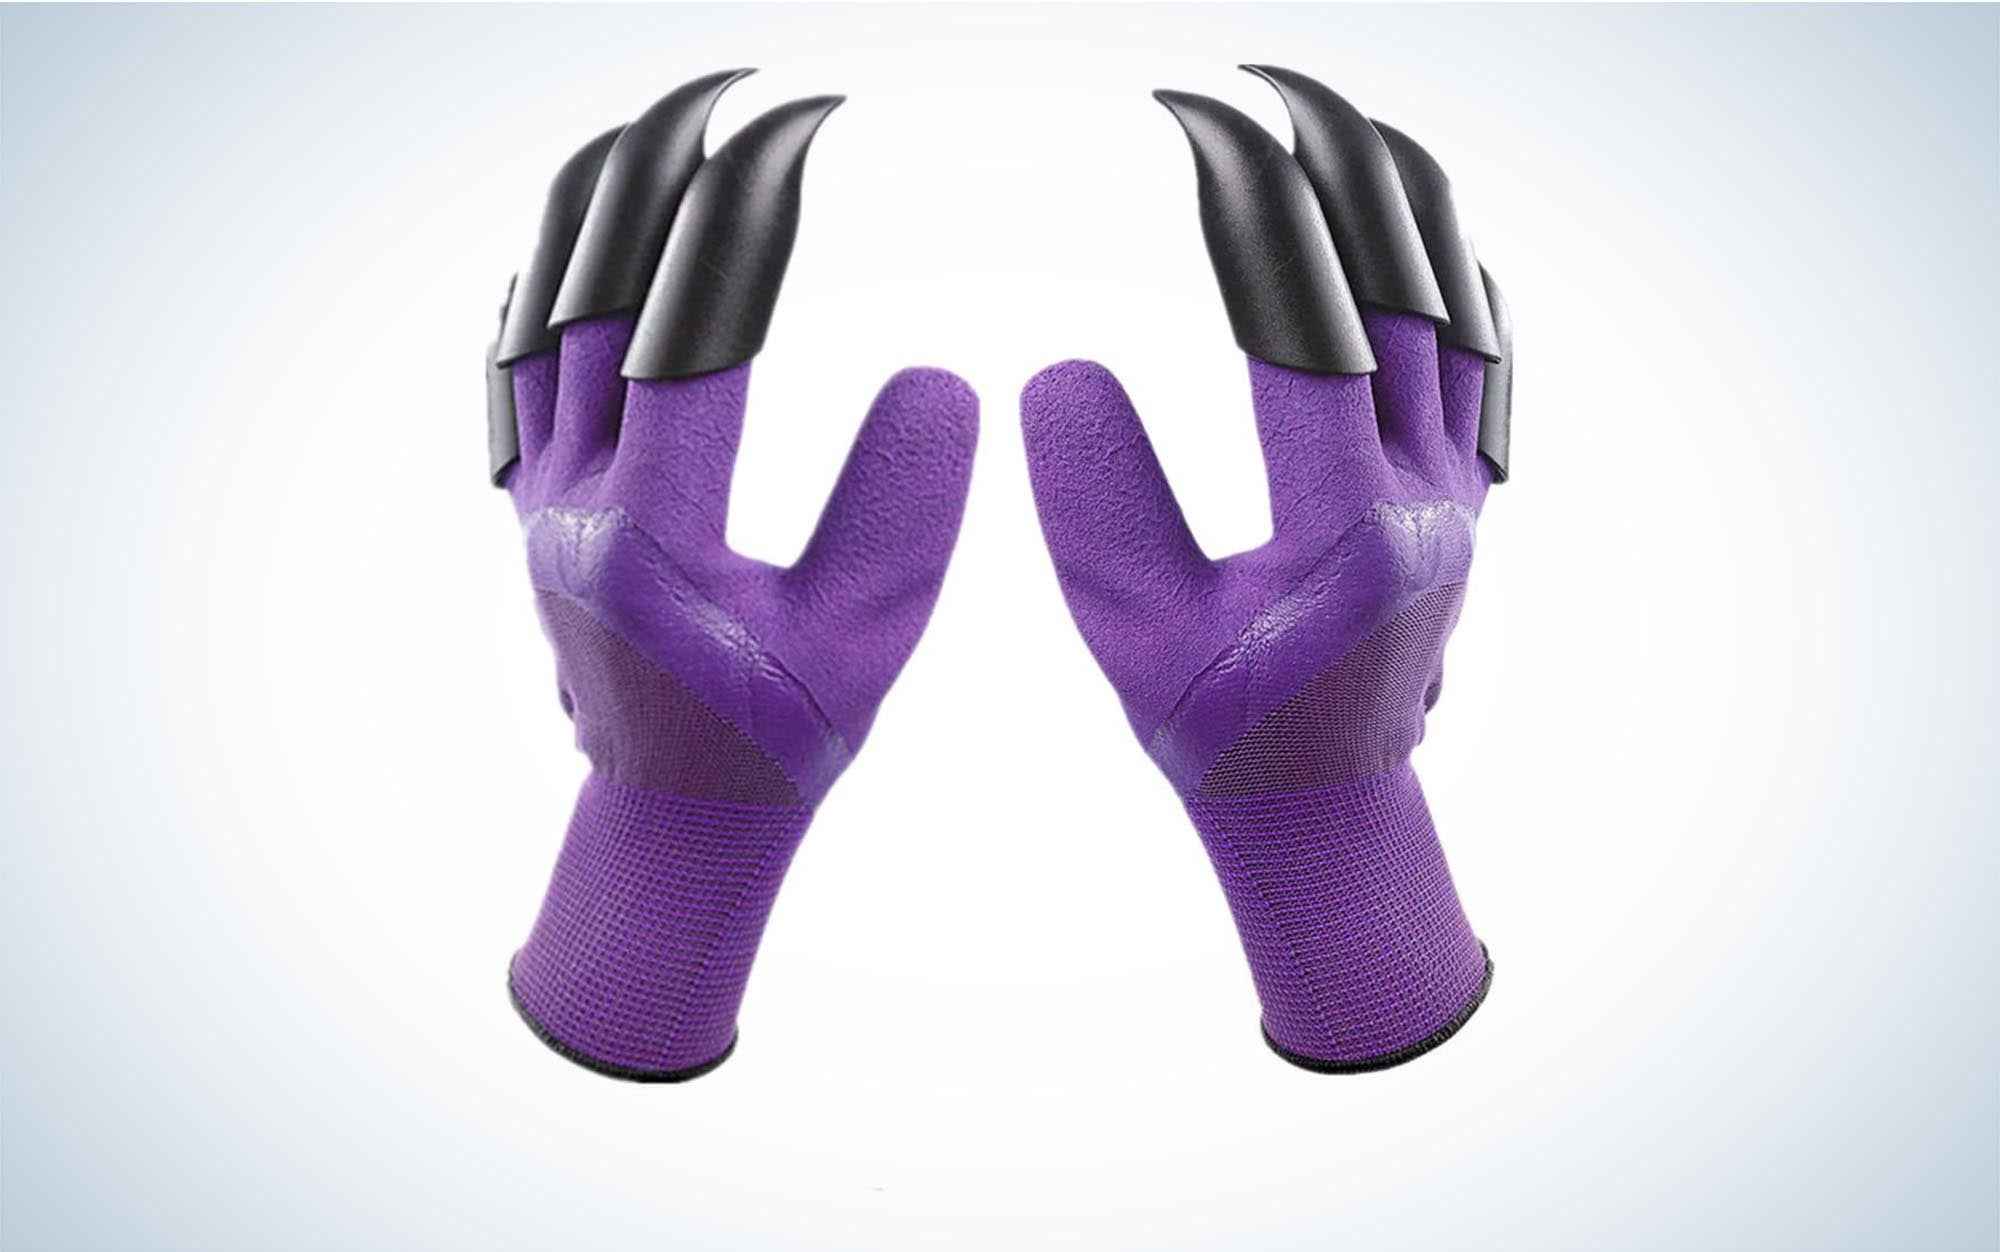 Clawed gardening gloves